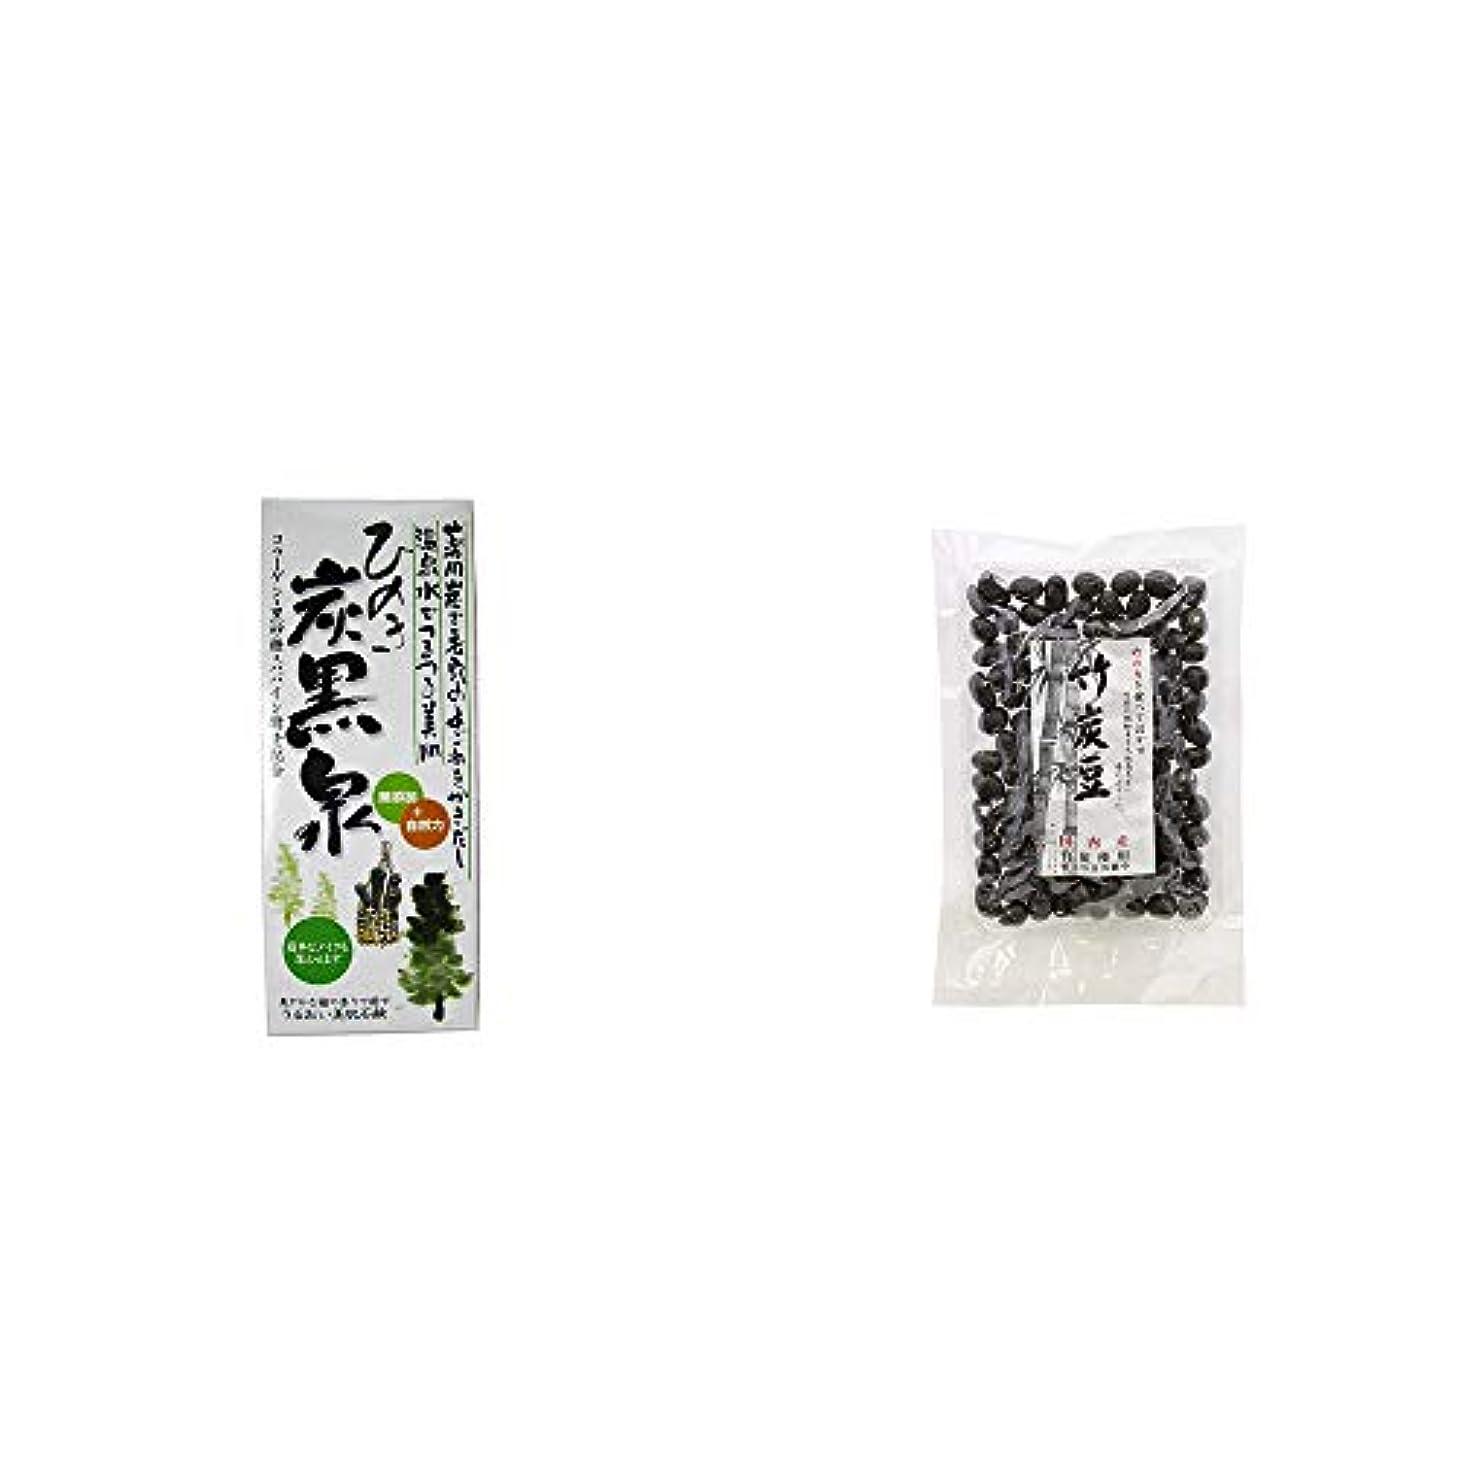 ロードされたのぞき見ガイドライン[2点セット] ひのき炭黒泉 箱入り(75g×3)?国内産 竹炭使用 竹炭豆(160g)